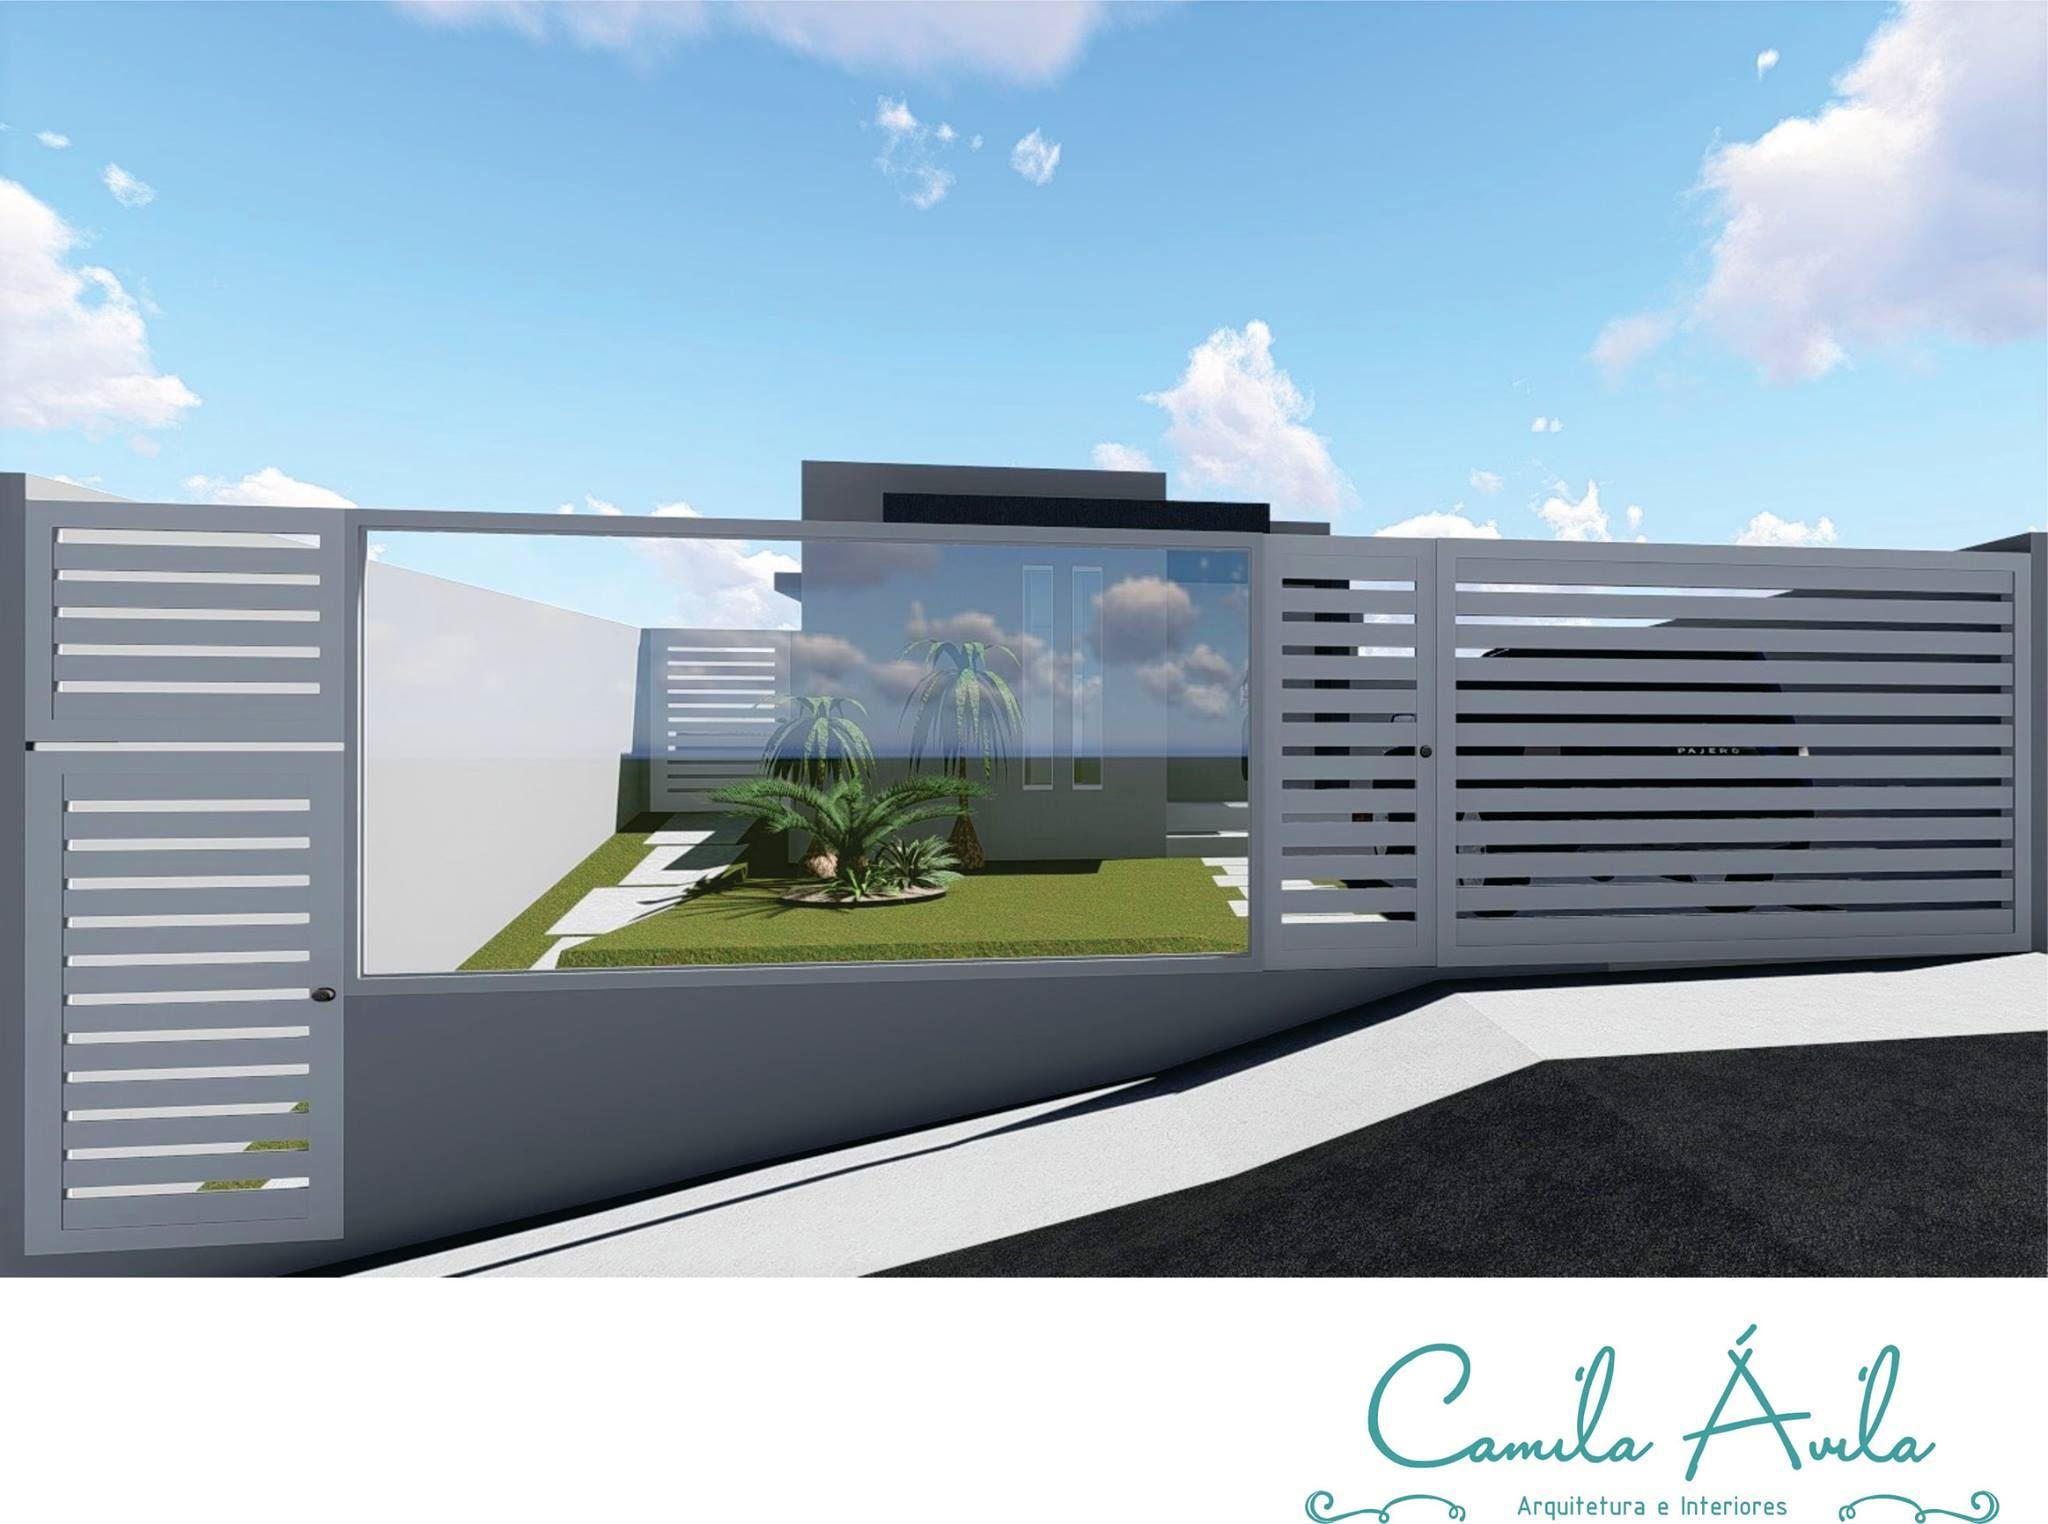 Camila Ávila - Arquitetura e Interiores e Urbanismo